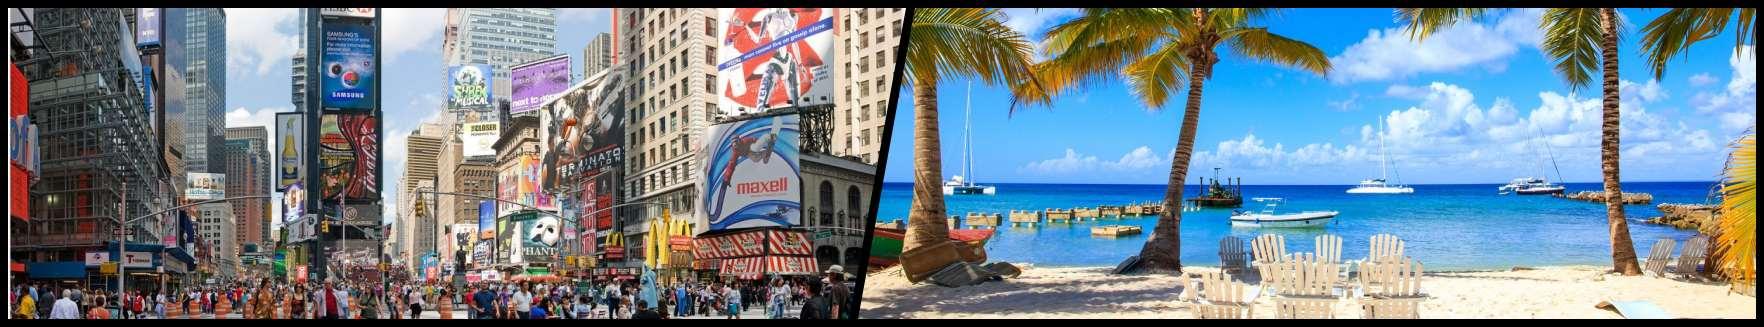 New York - Punta Cana